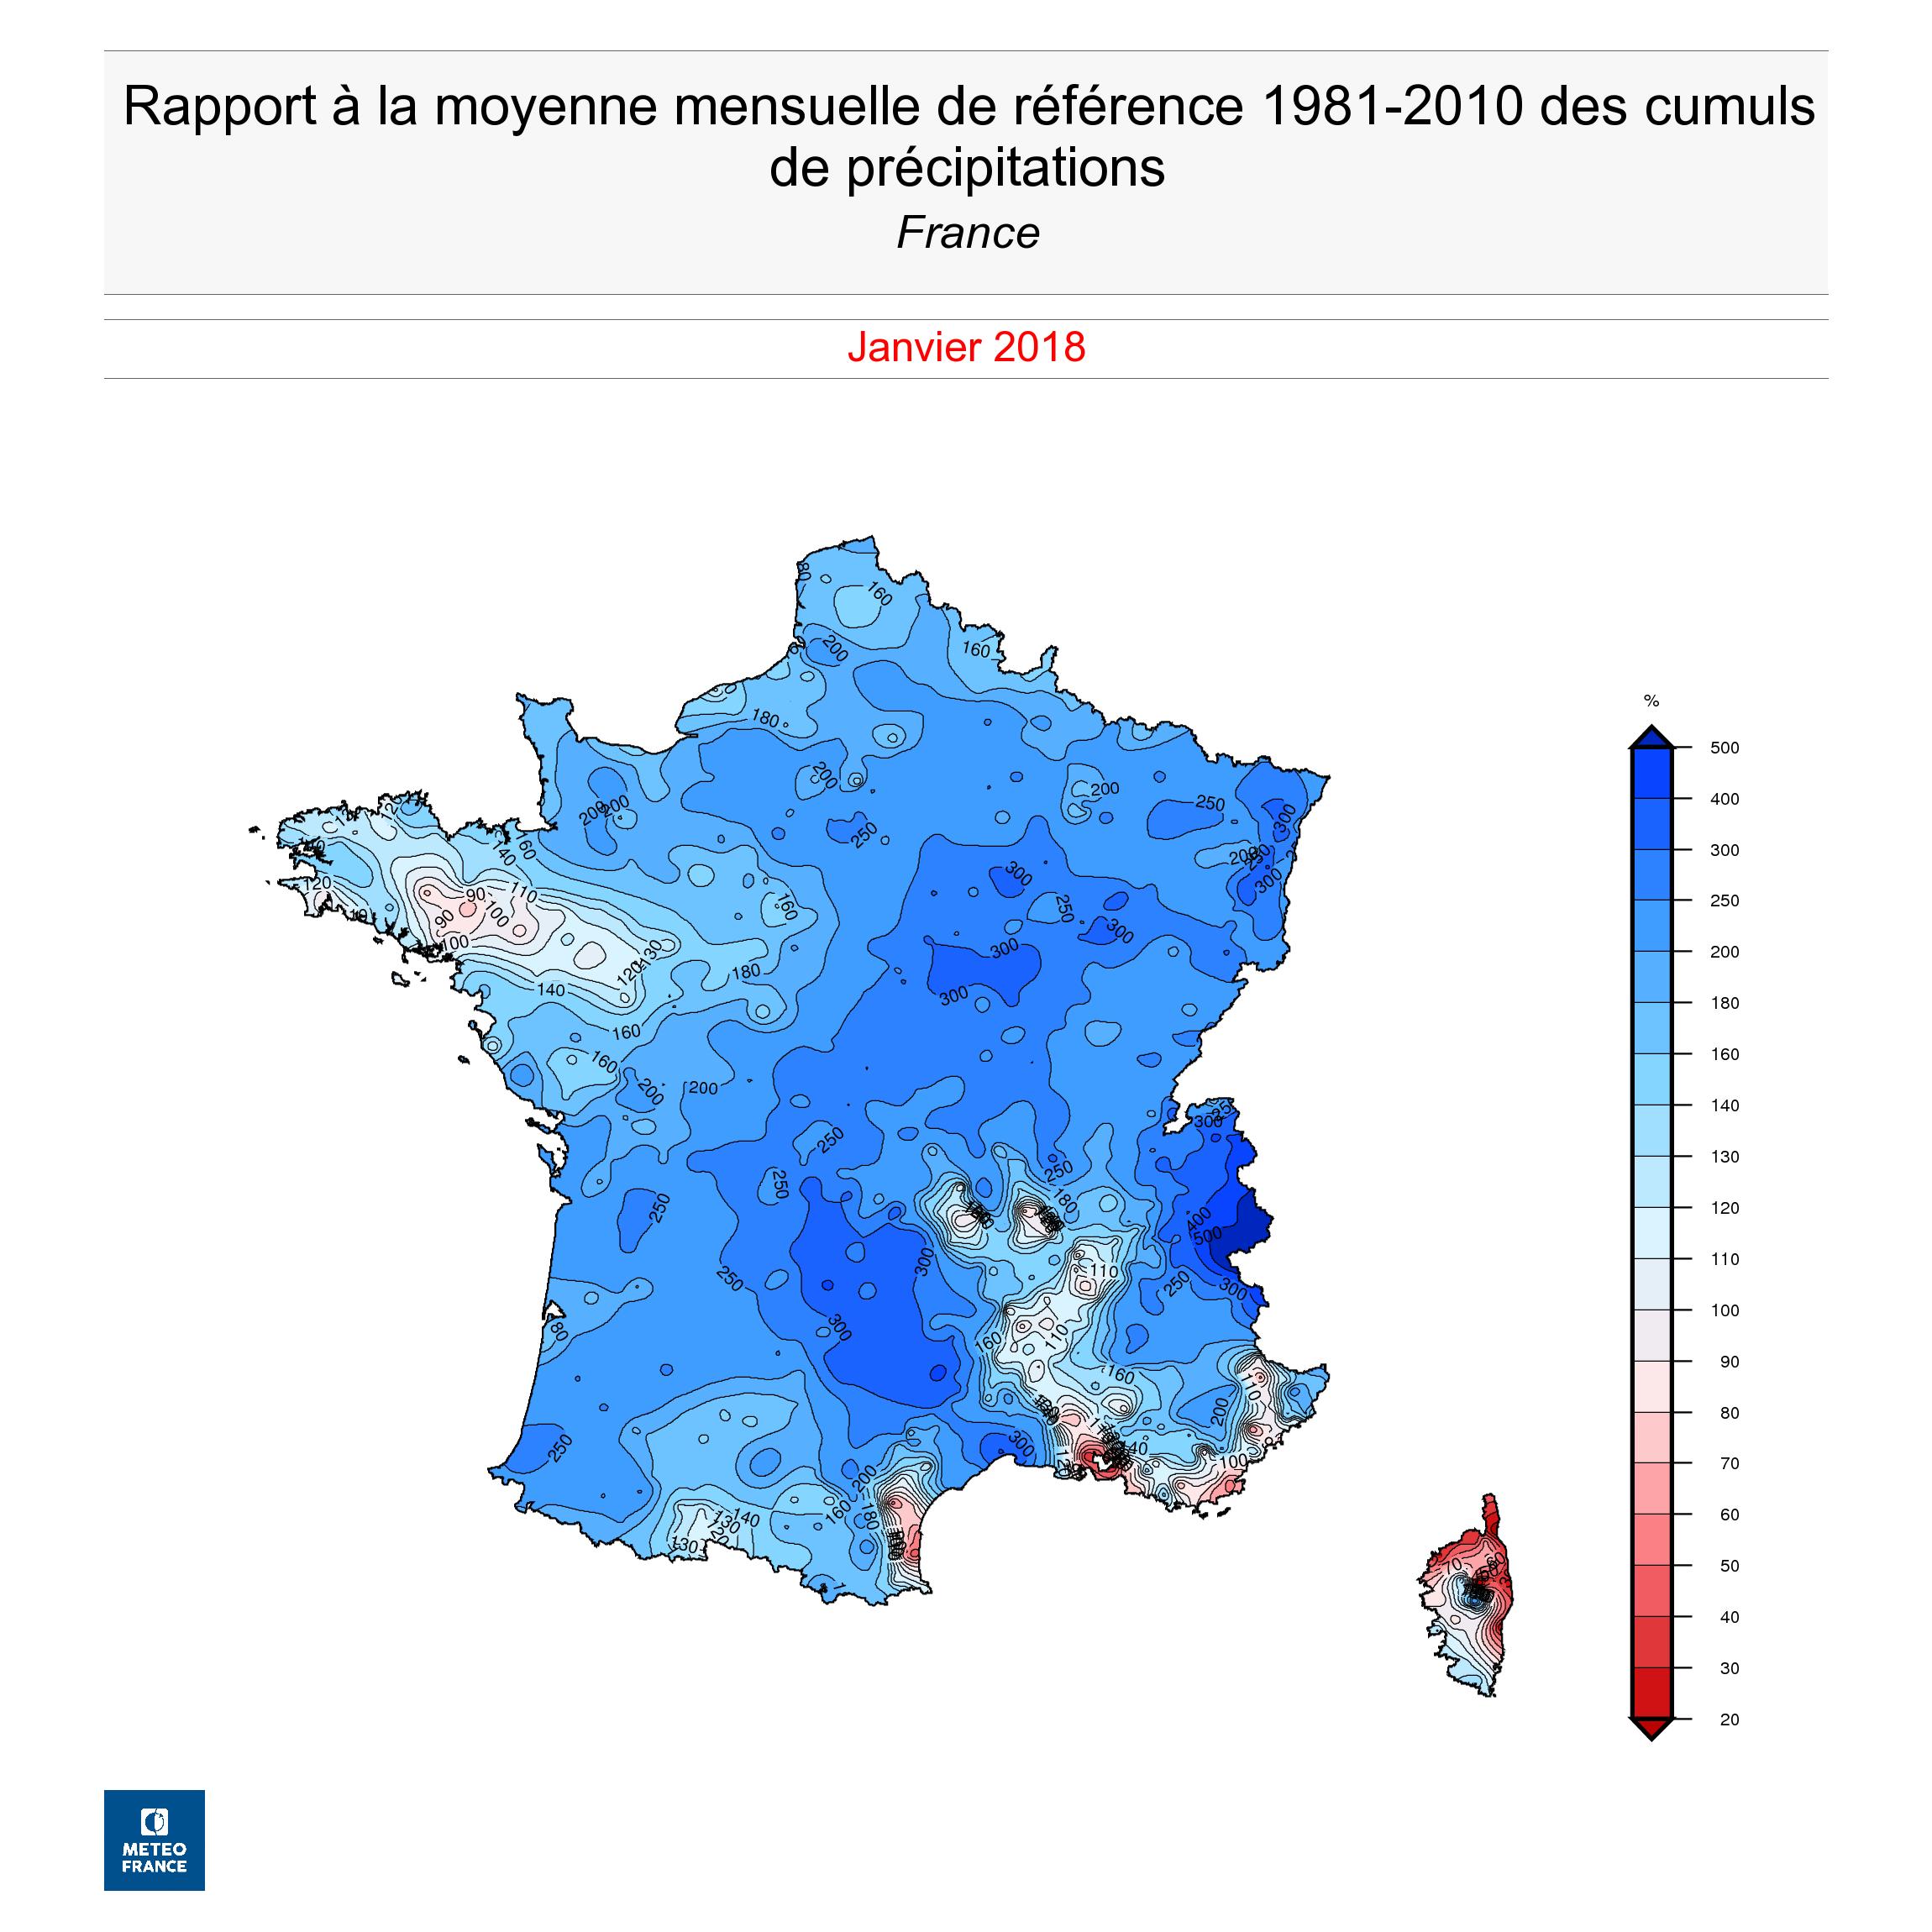 Invierno 2017 2018 en francia precipitaciones for El tiempo en paris en enero 2017